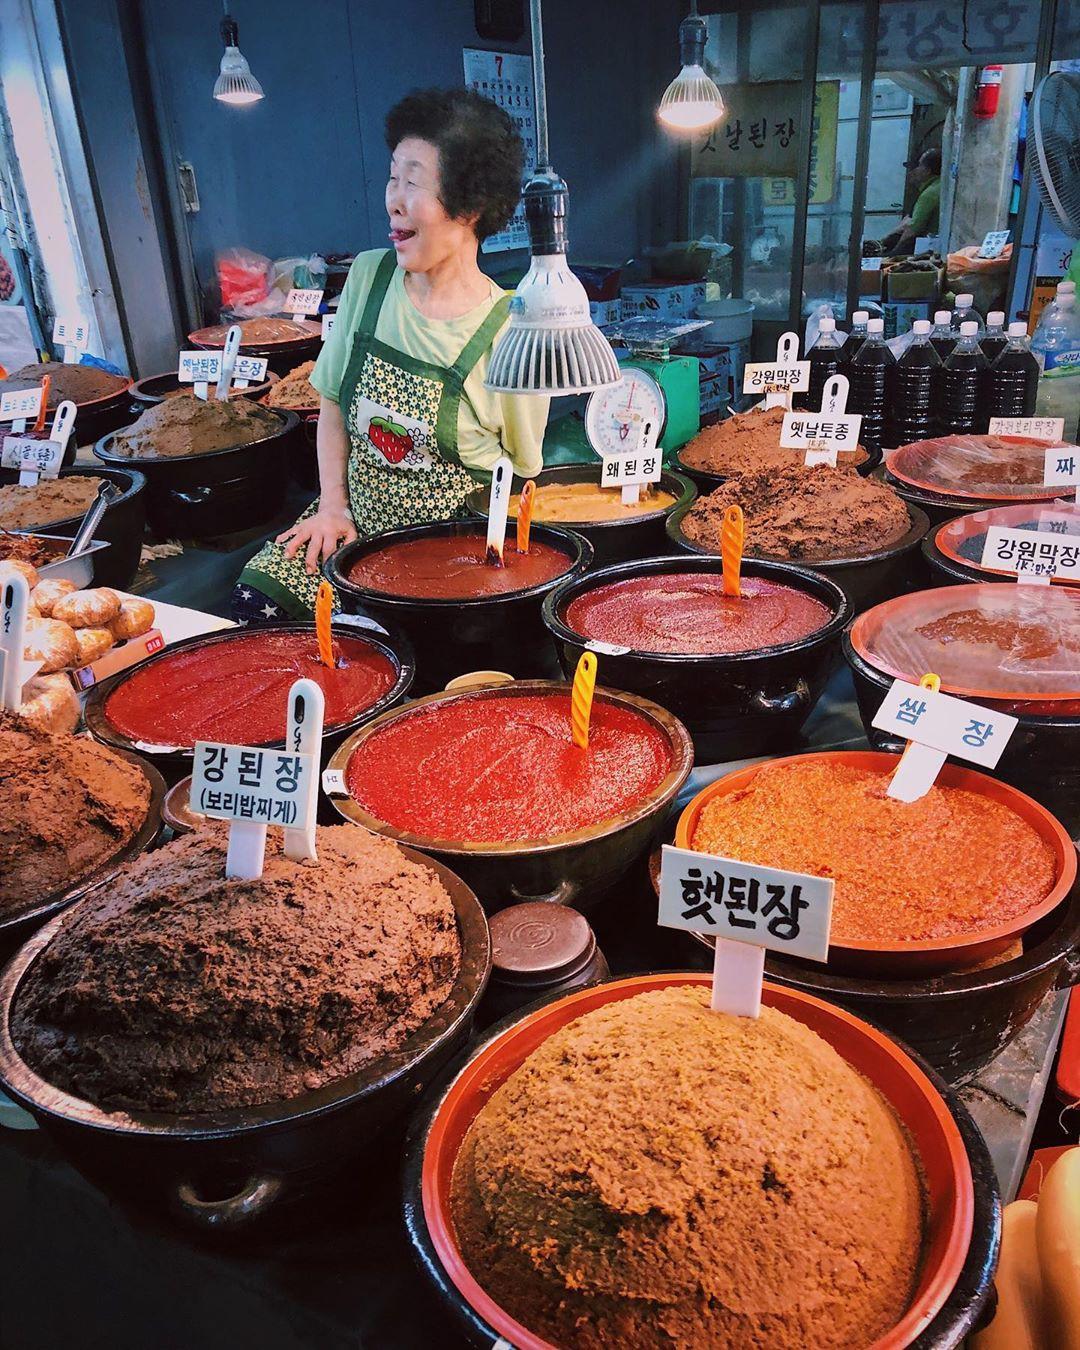 Ăn chơi phủ phê tại 4 khu chợ nổi tiếng nhất Hàn Quốc - Ảnh 10.